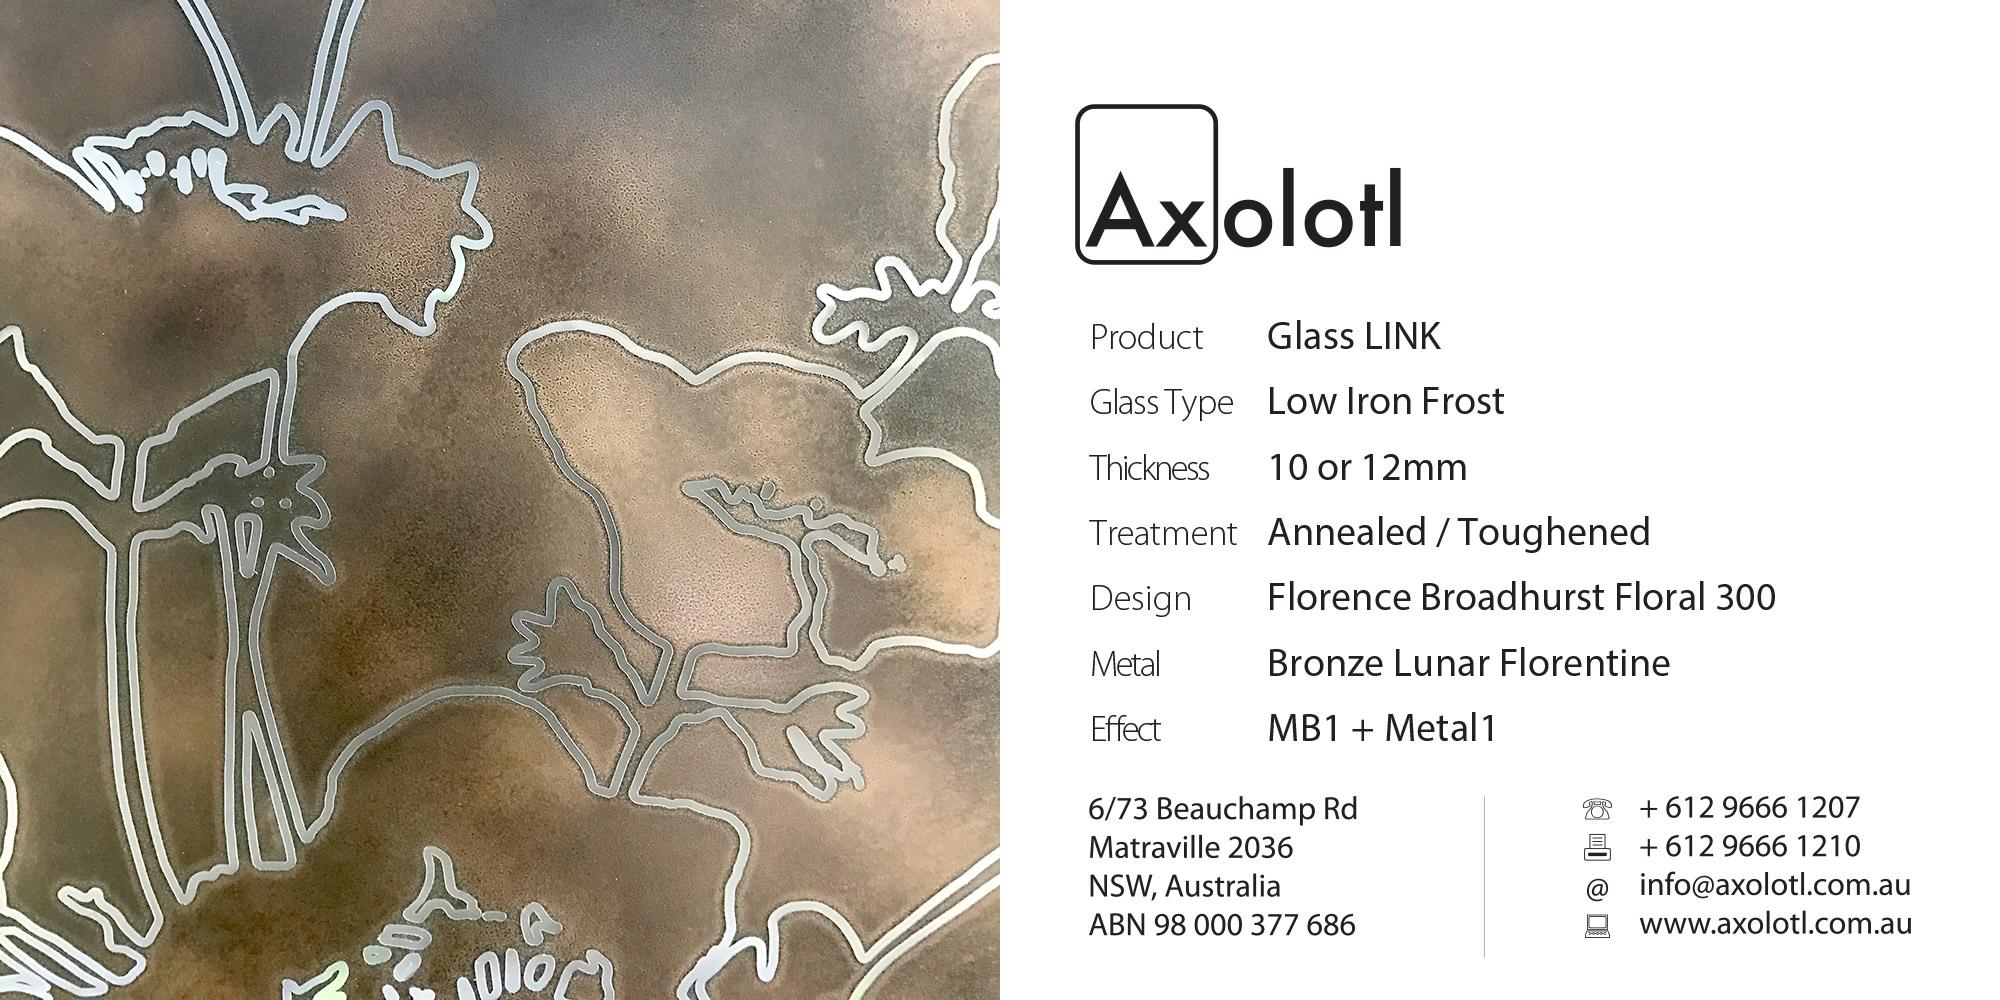 Axolotl_LINKGlass_FB_Floral300_BronzeLunarFlorentine02.jpg